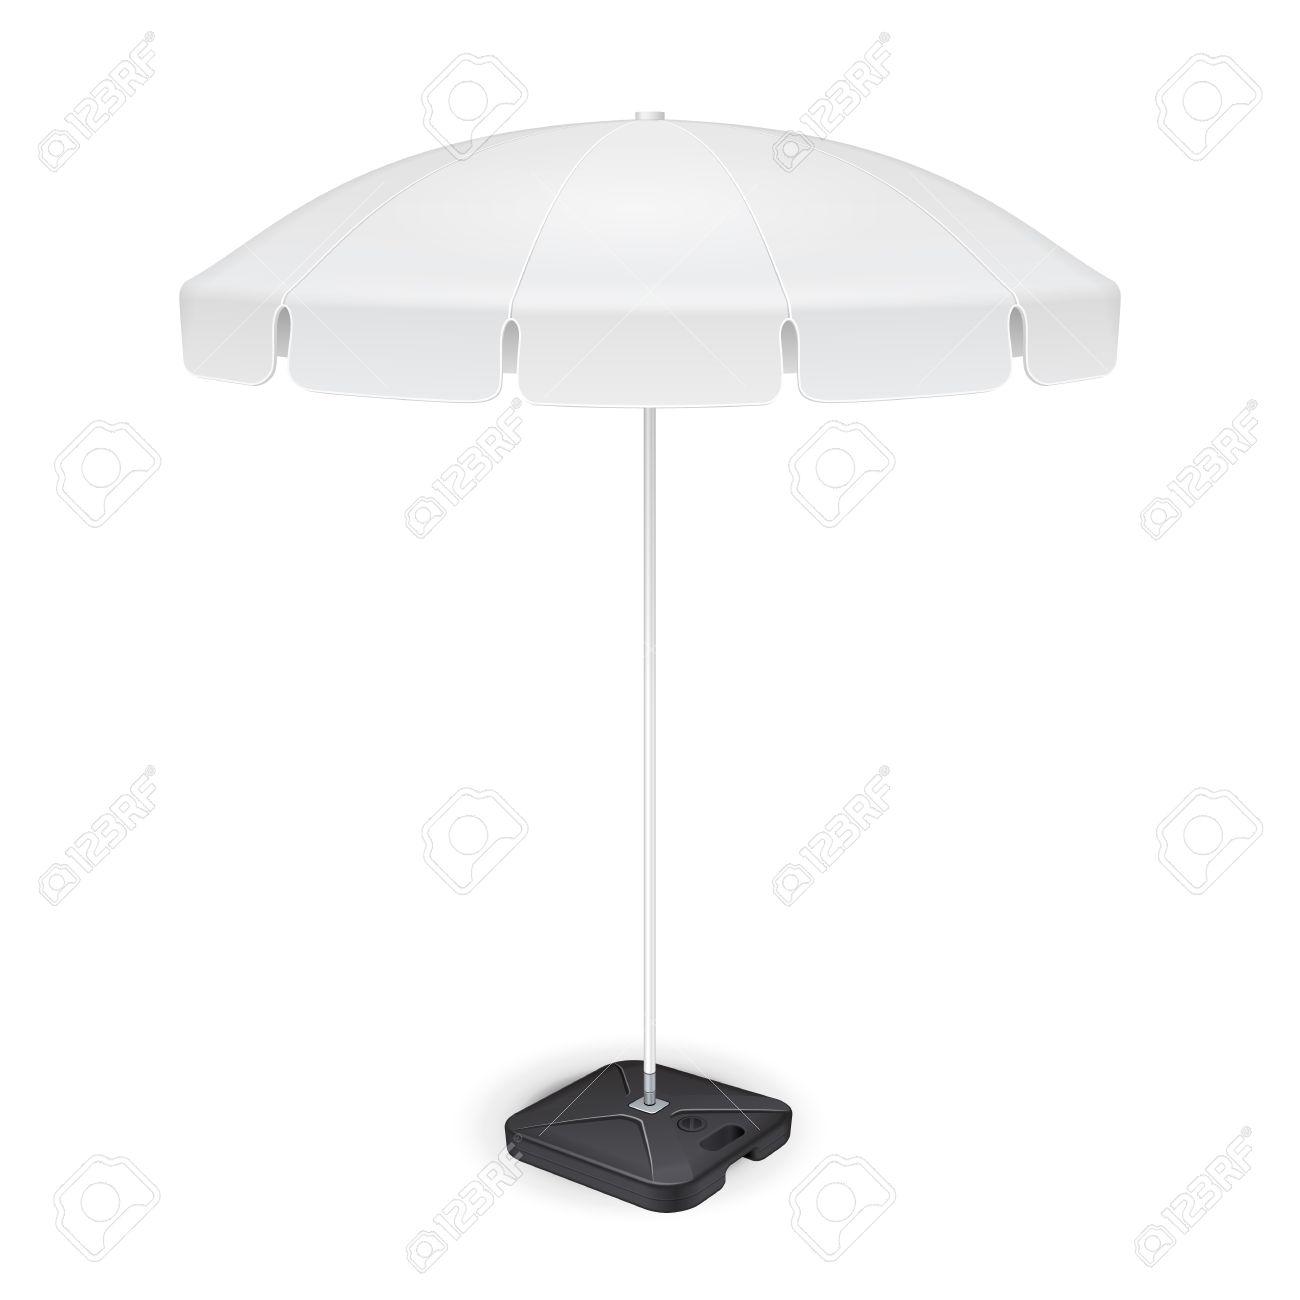 Niedlich Regenschirm Schablone Ideen - Bilder für das Lebenslauf ...